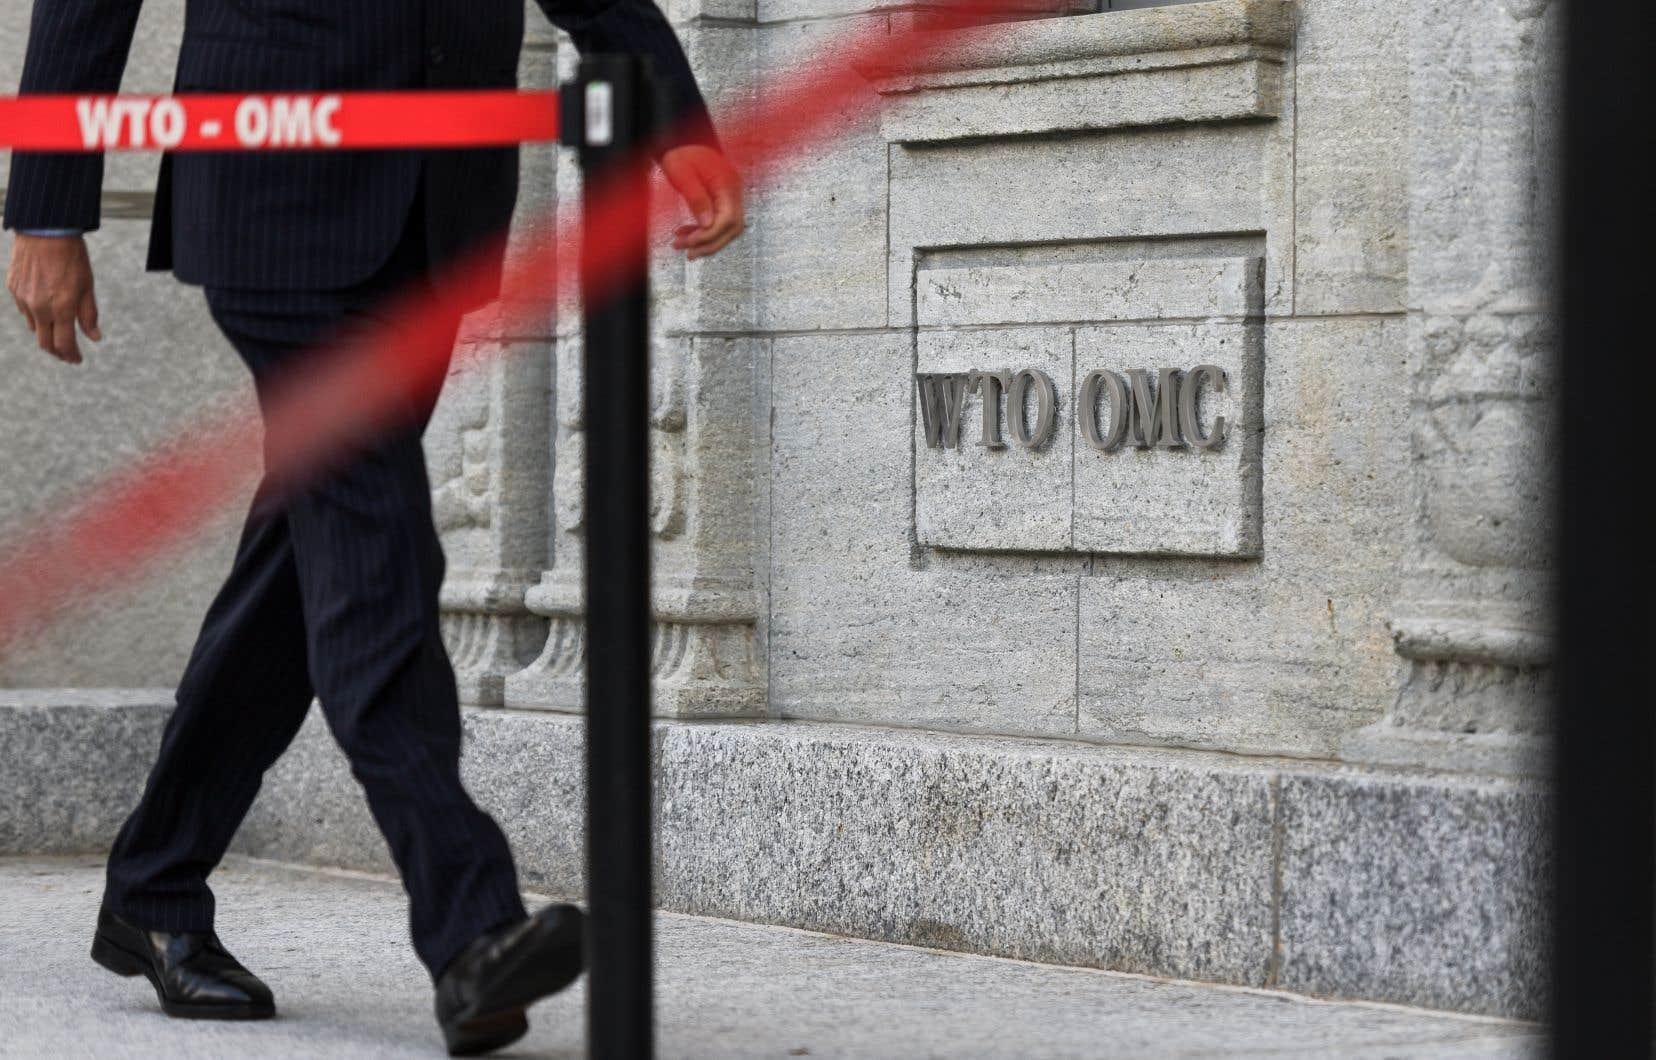 L'Organe d'appel de l'OMC doit normalement avoir sept membres, mais n'en compte plus aujourd'hui que le strict minimum exigé de trois.